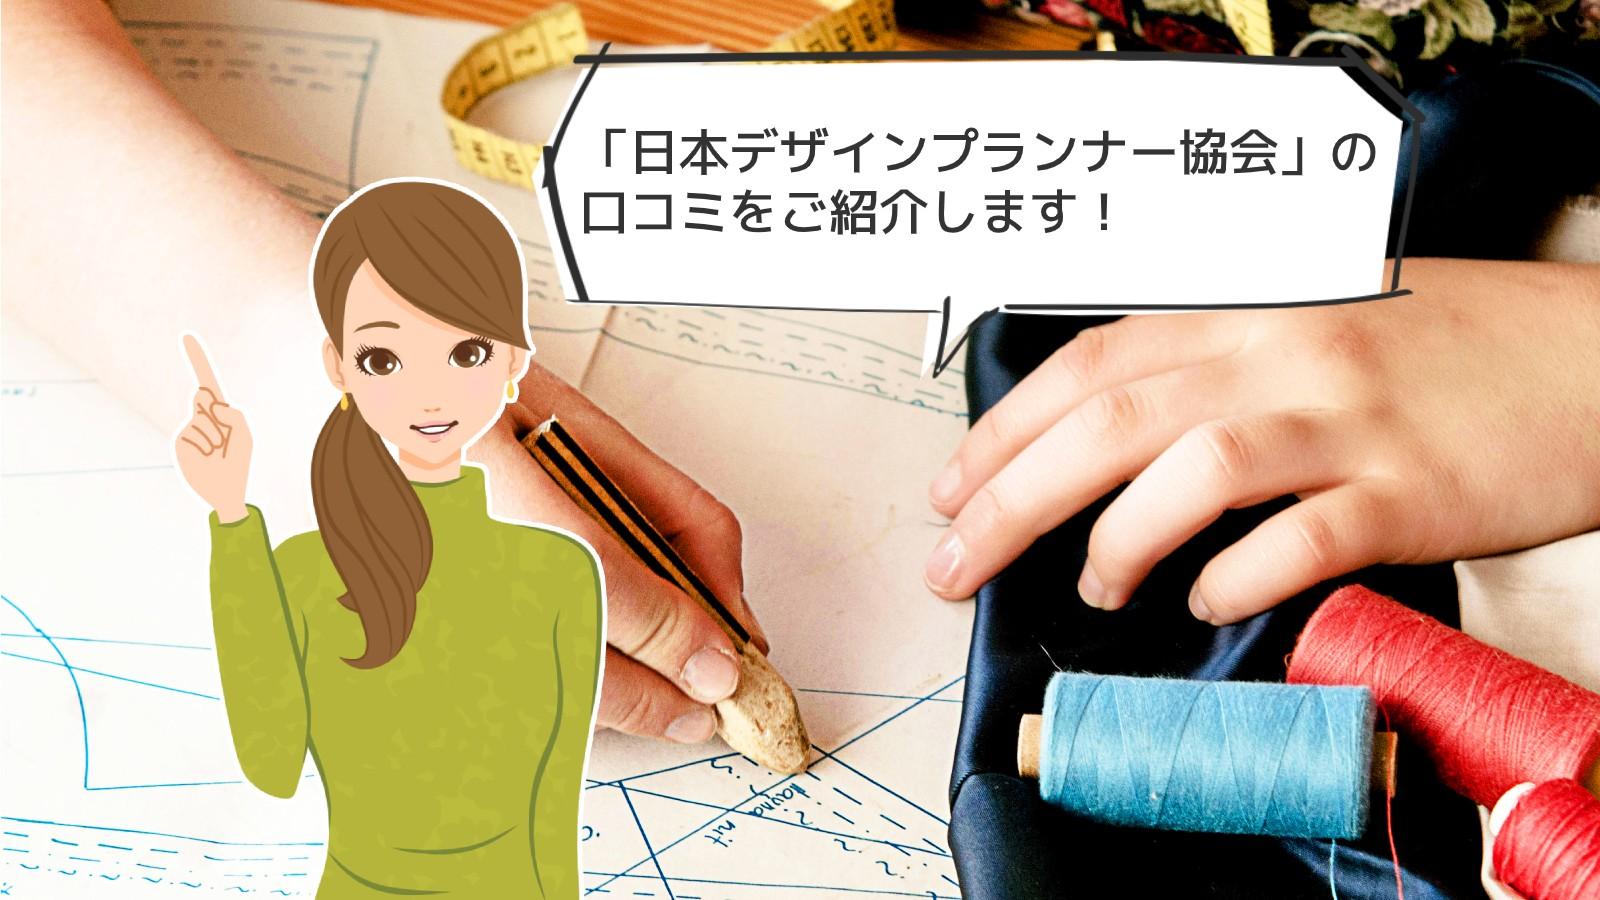 「日本デザインプランナー協会」のアイキャッチ画像